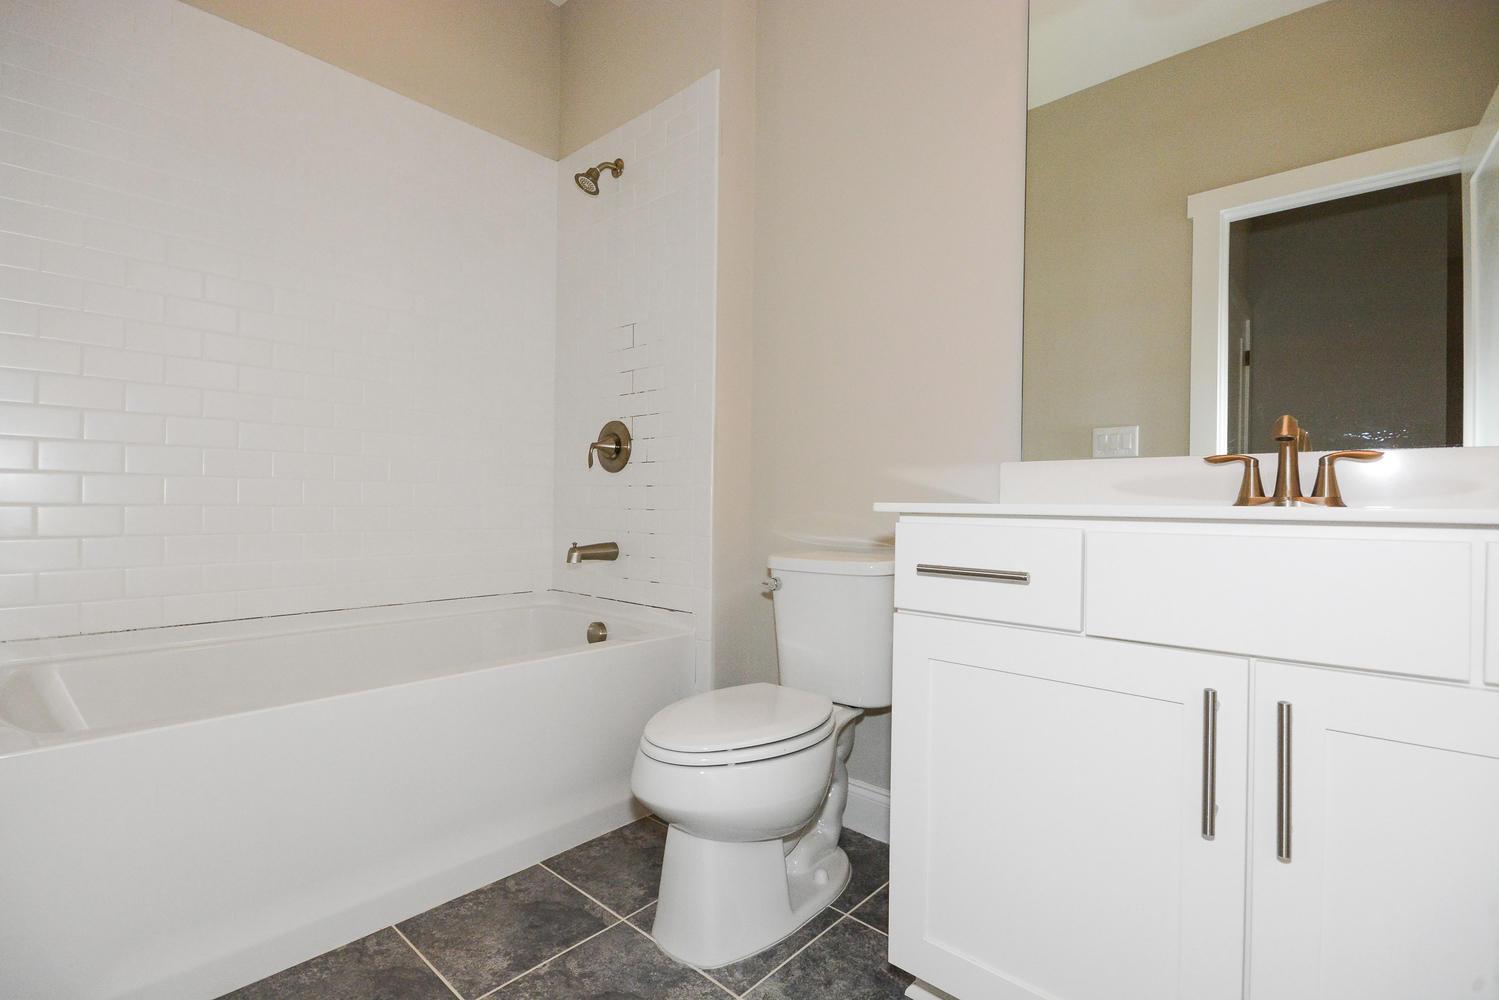 Dunes West Homes For Sale - 2919 Eddy, Mount Pleasant, SC - 11